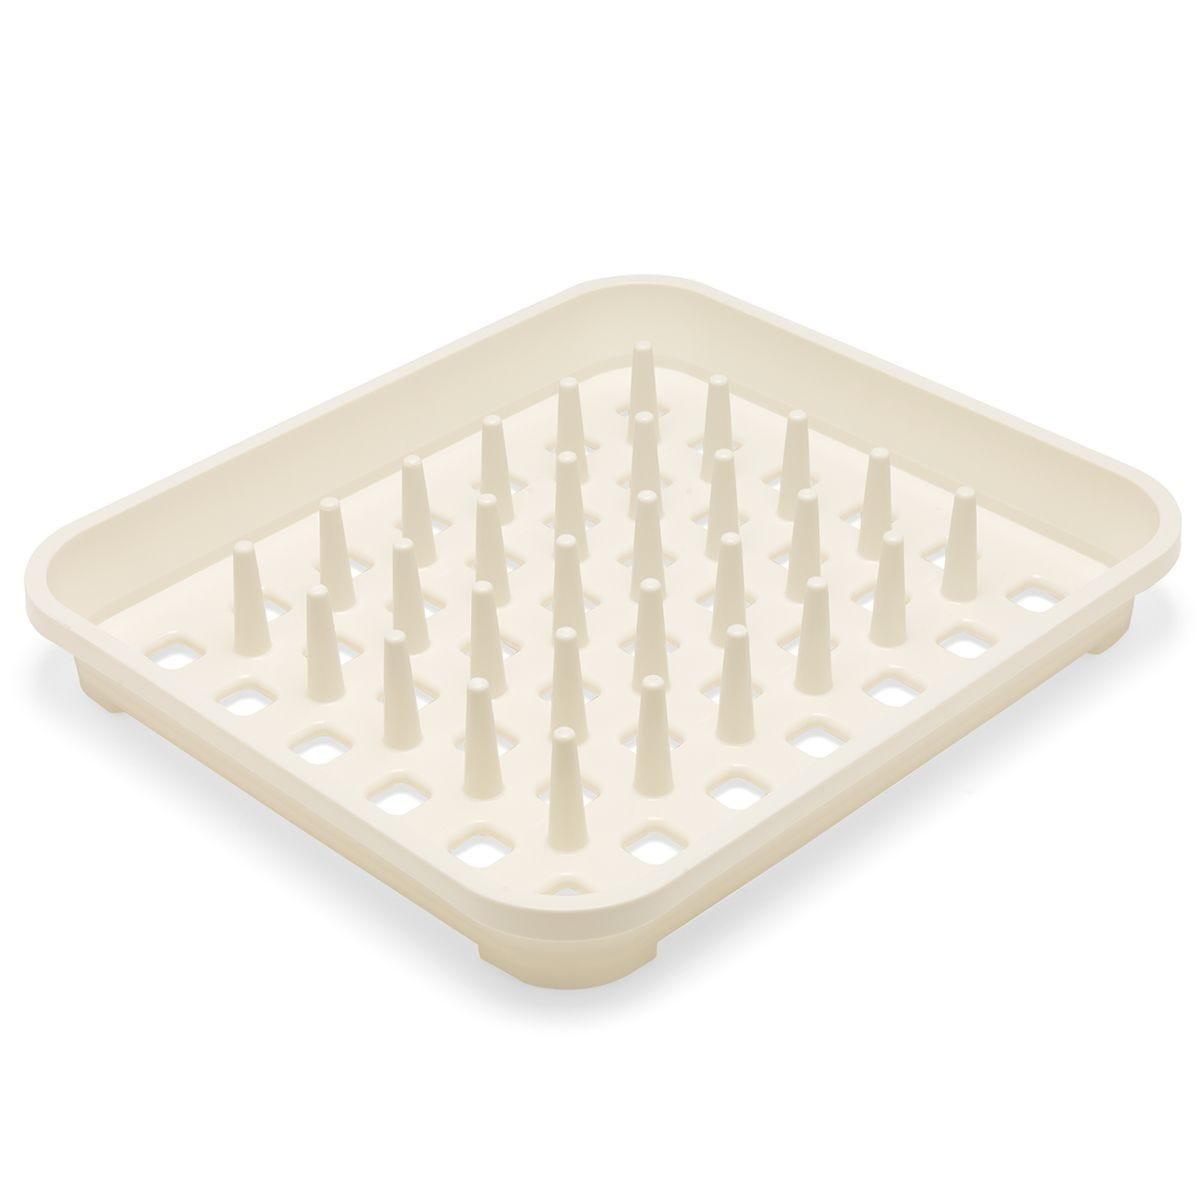 Addis Plastic Dish Drainer - Cream